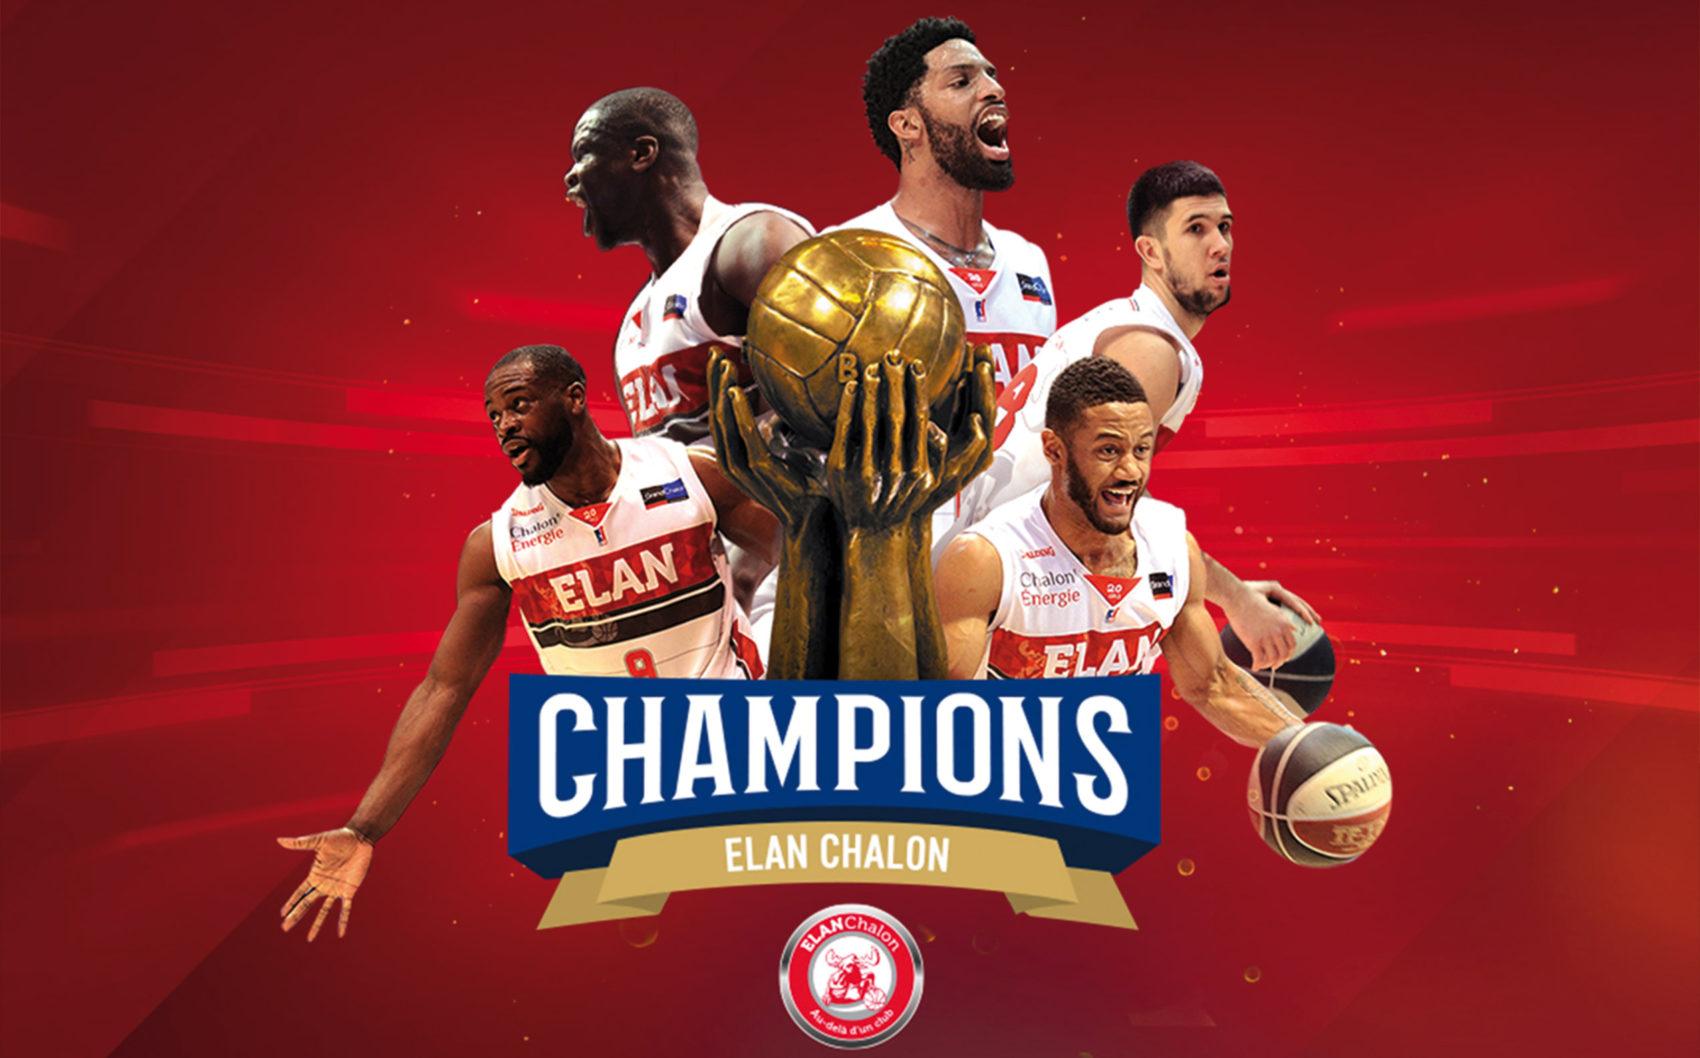 Visuel_Champions_SFR_Sport